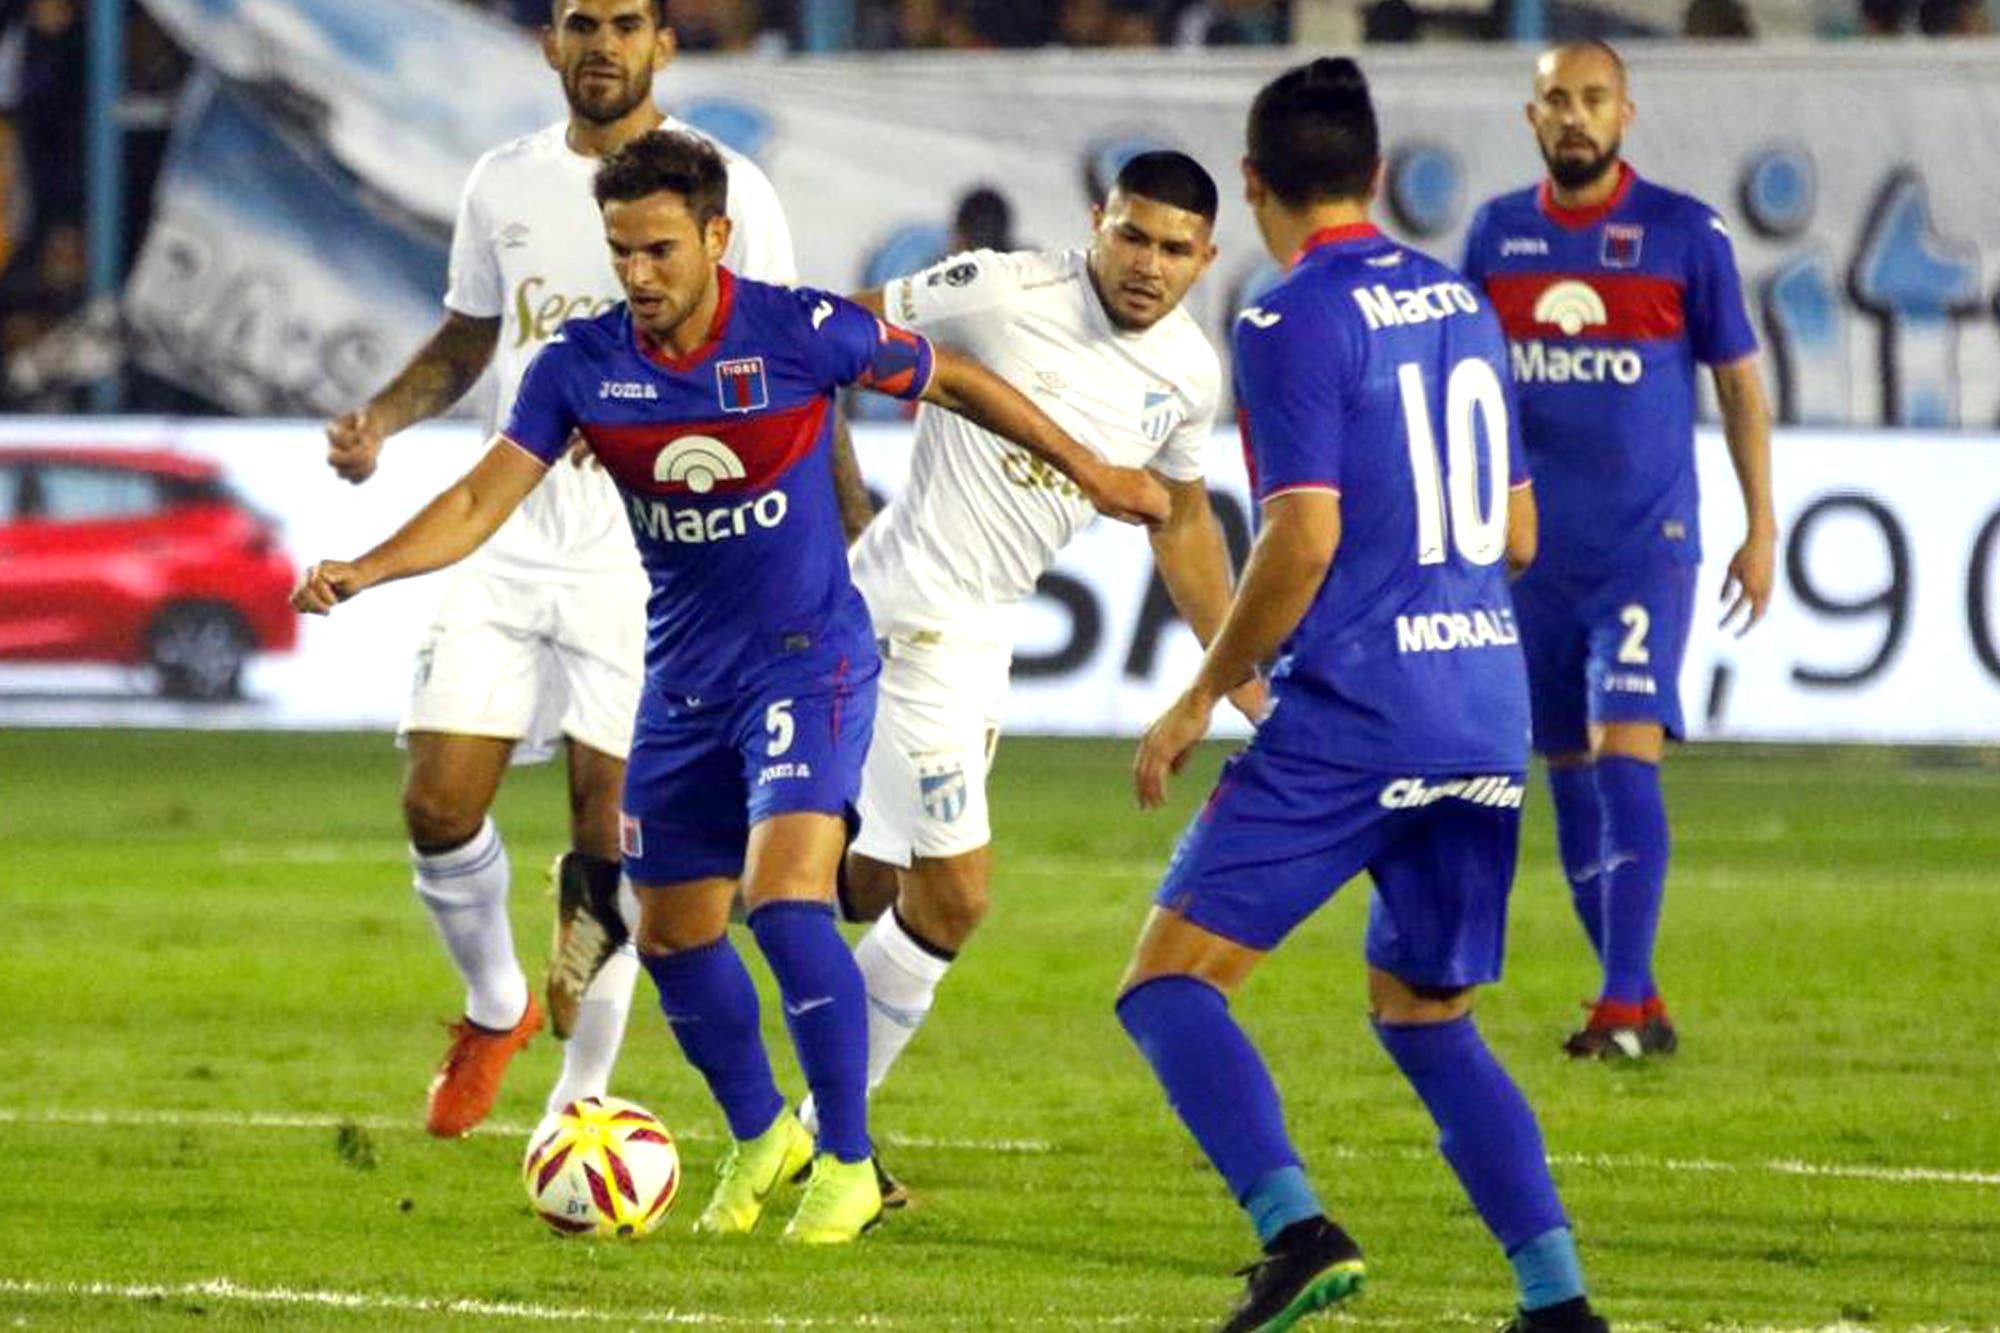 Descendido y finalista: Tigre ganó también en Tucumán y definirá la Copa de la Superliga